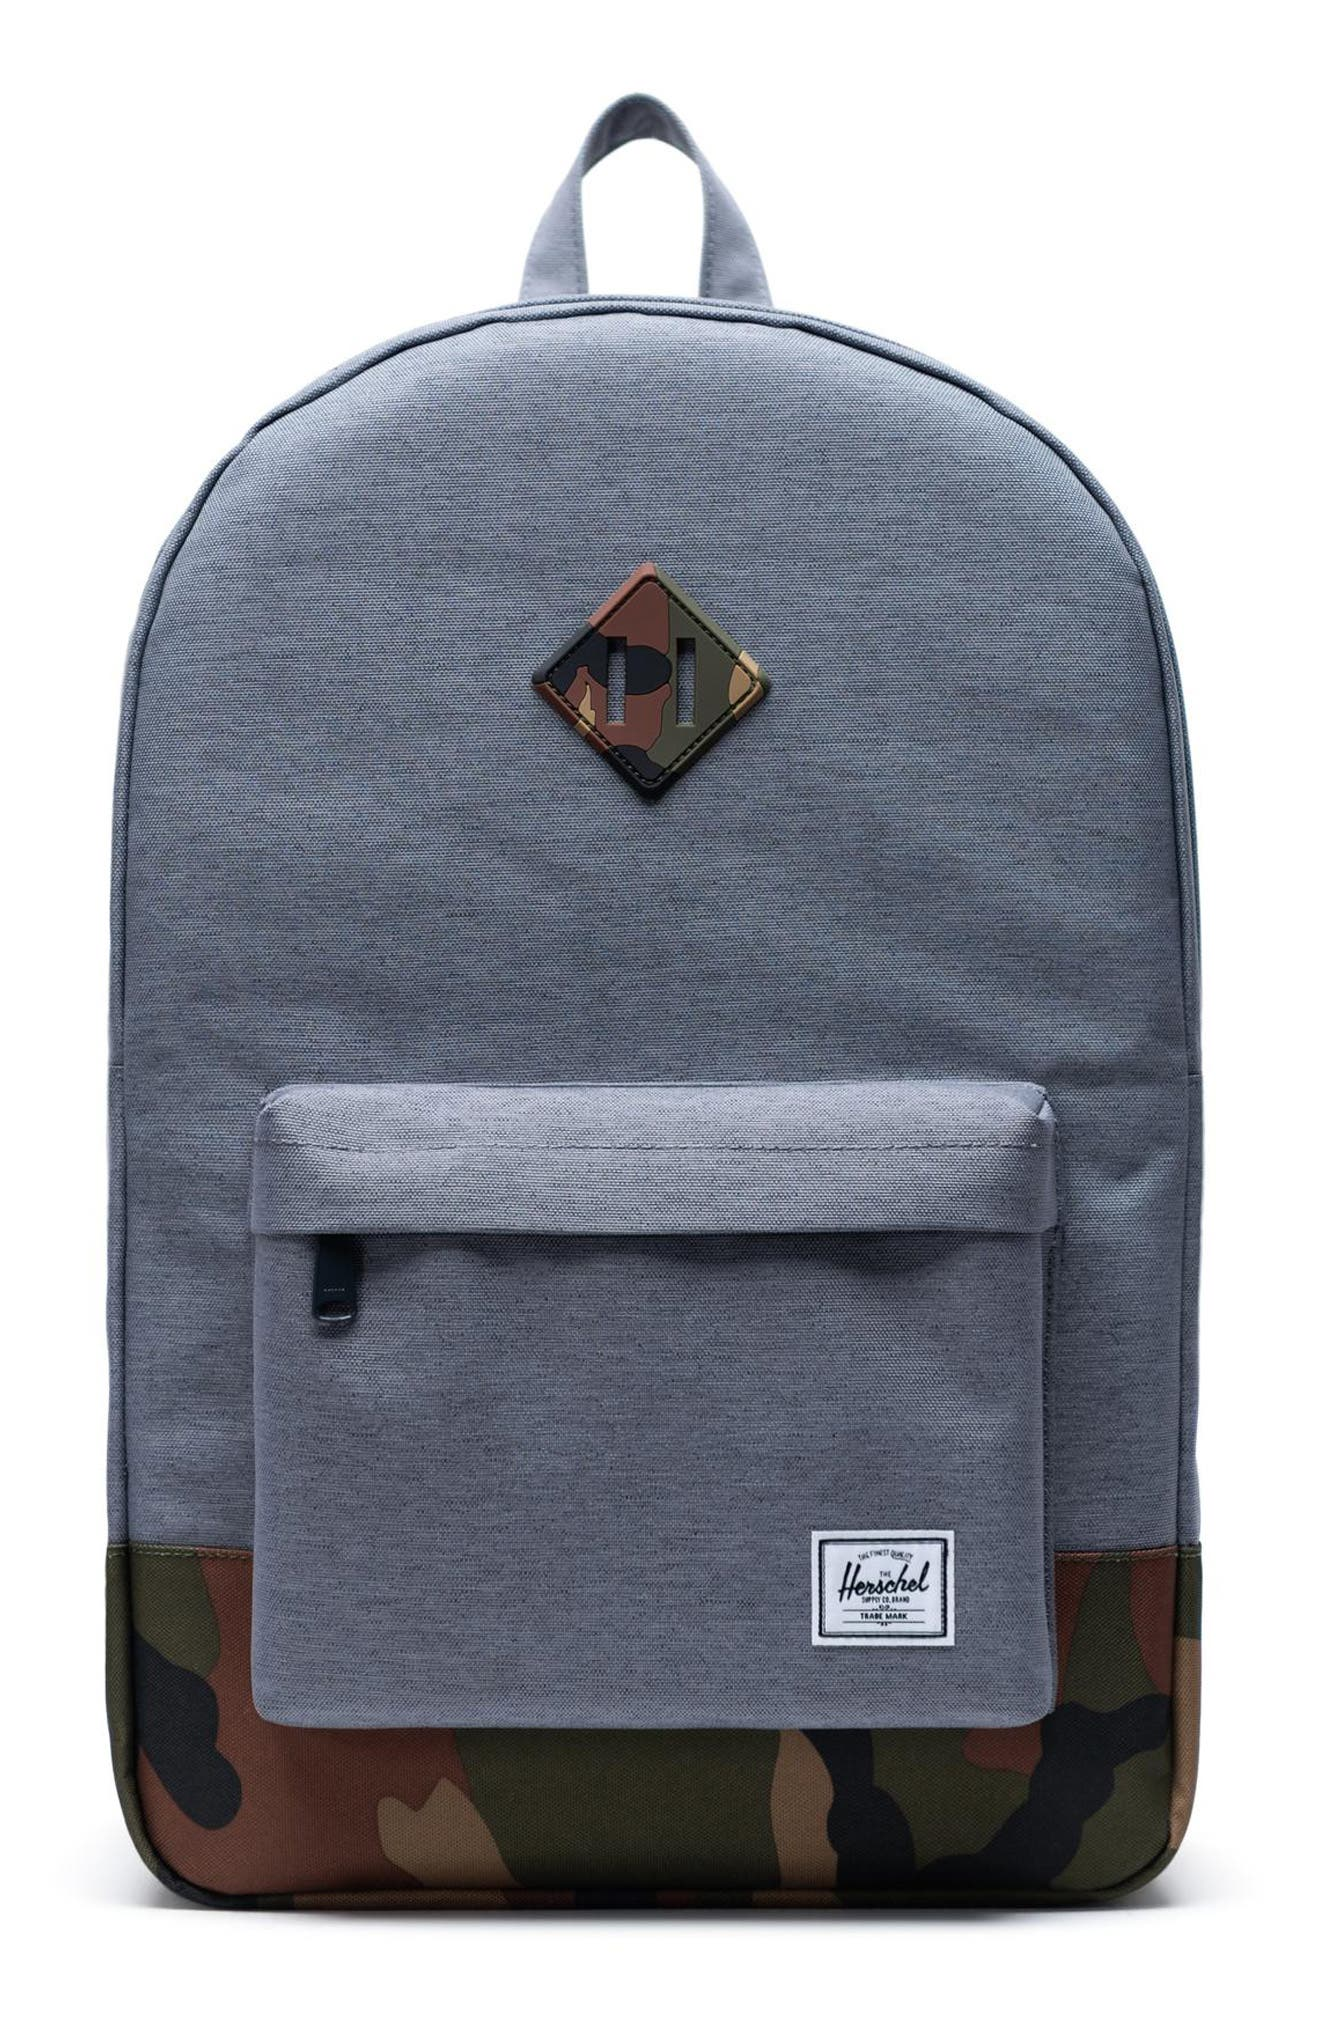 Herschel Supply Co. Heritage Camo Trim Backpack - Grey